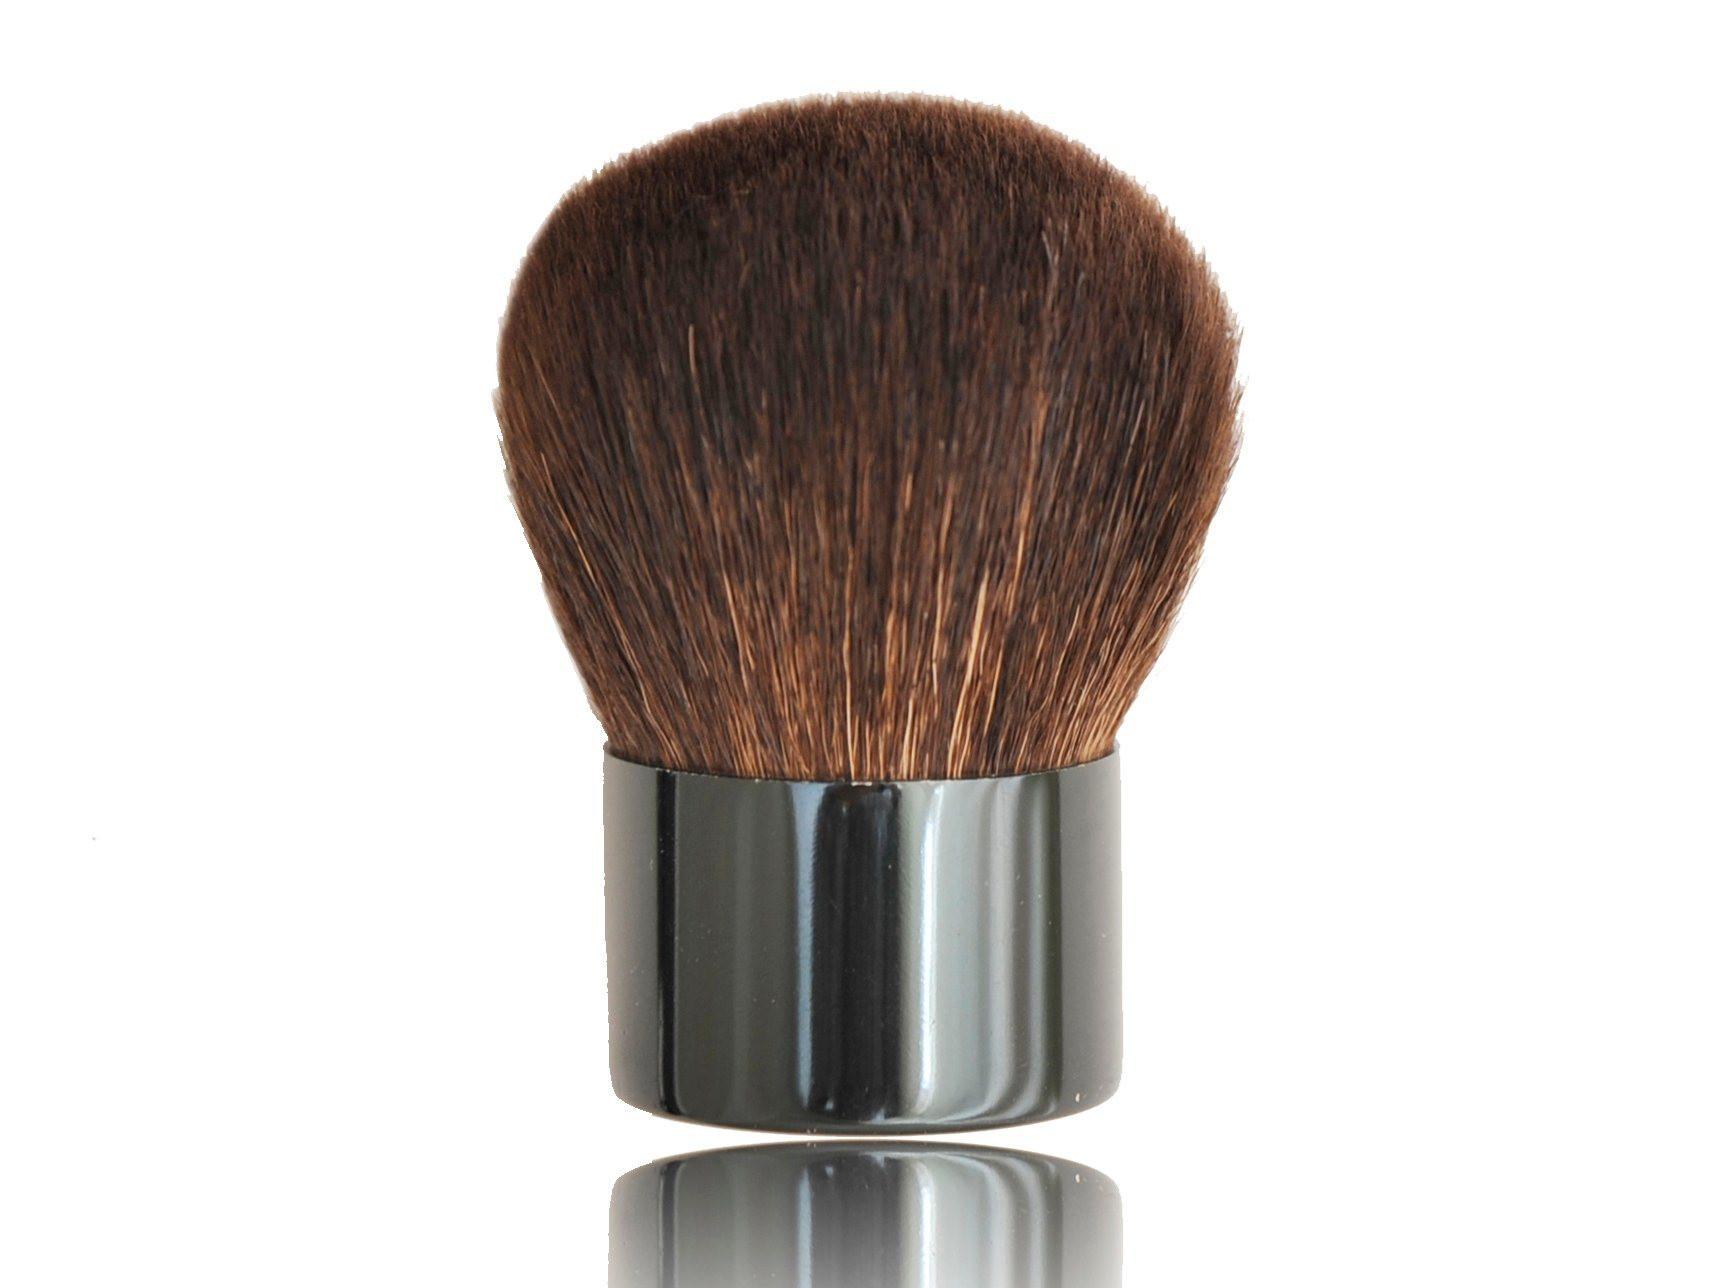 High Quality Kabuki Makeup Brush Goat Hair